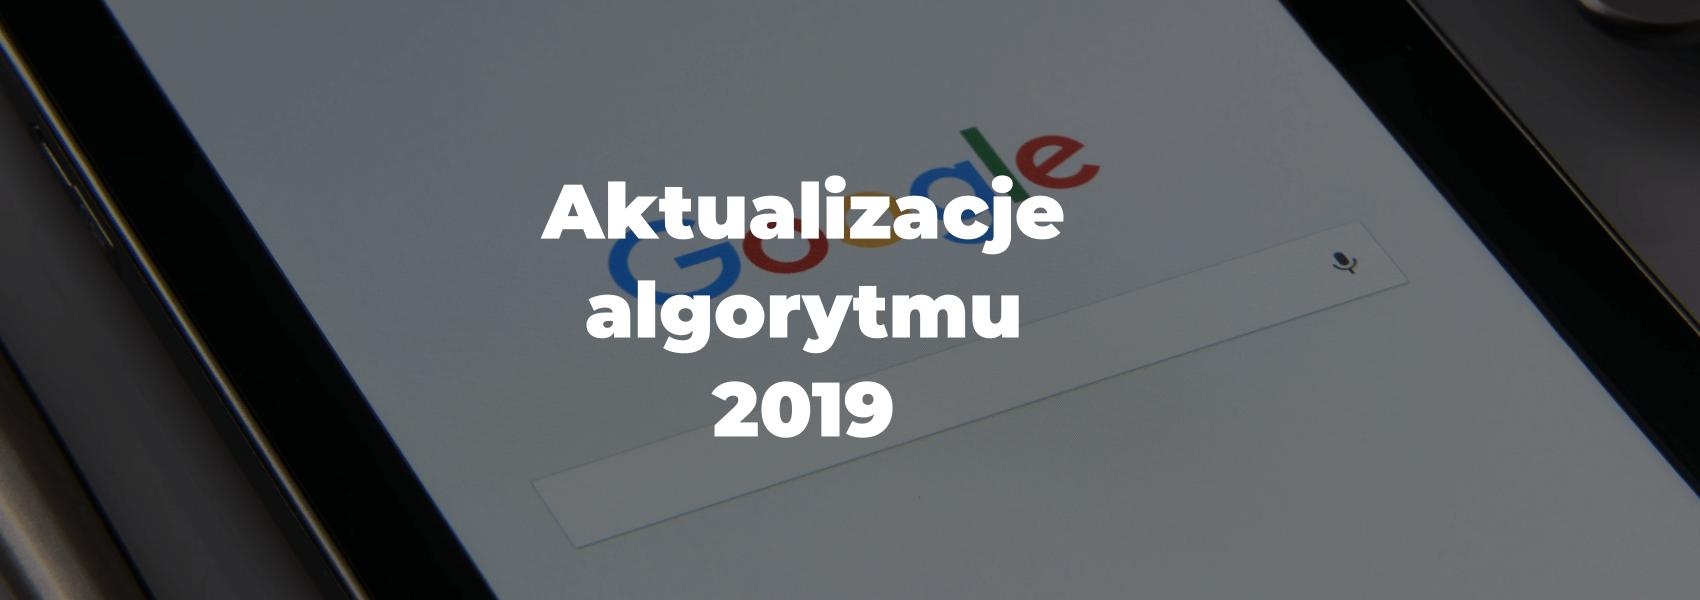 aktualizacje algorytmu 2019